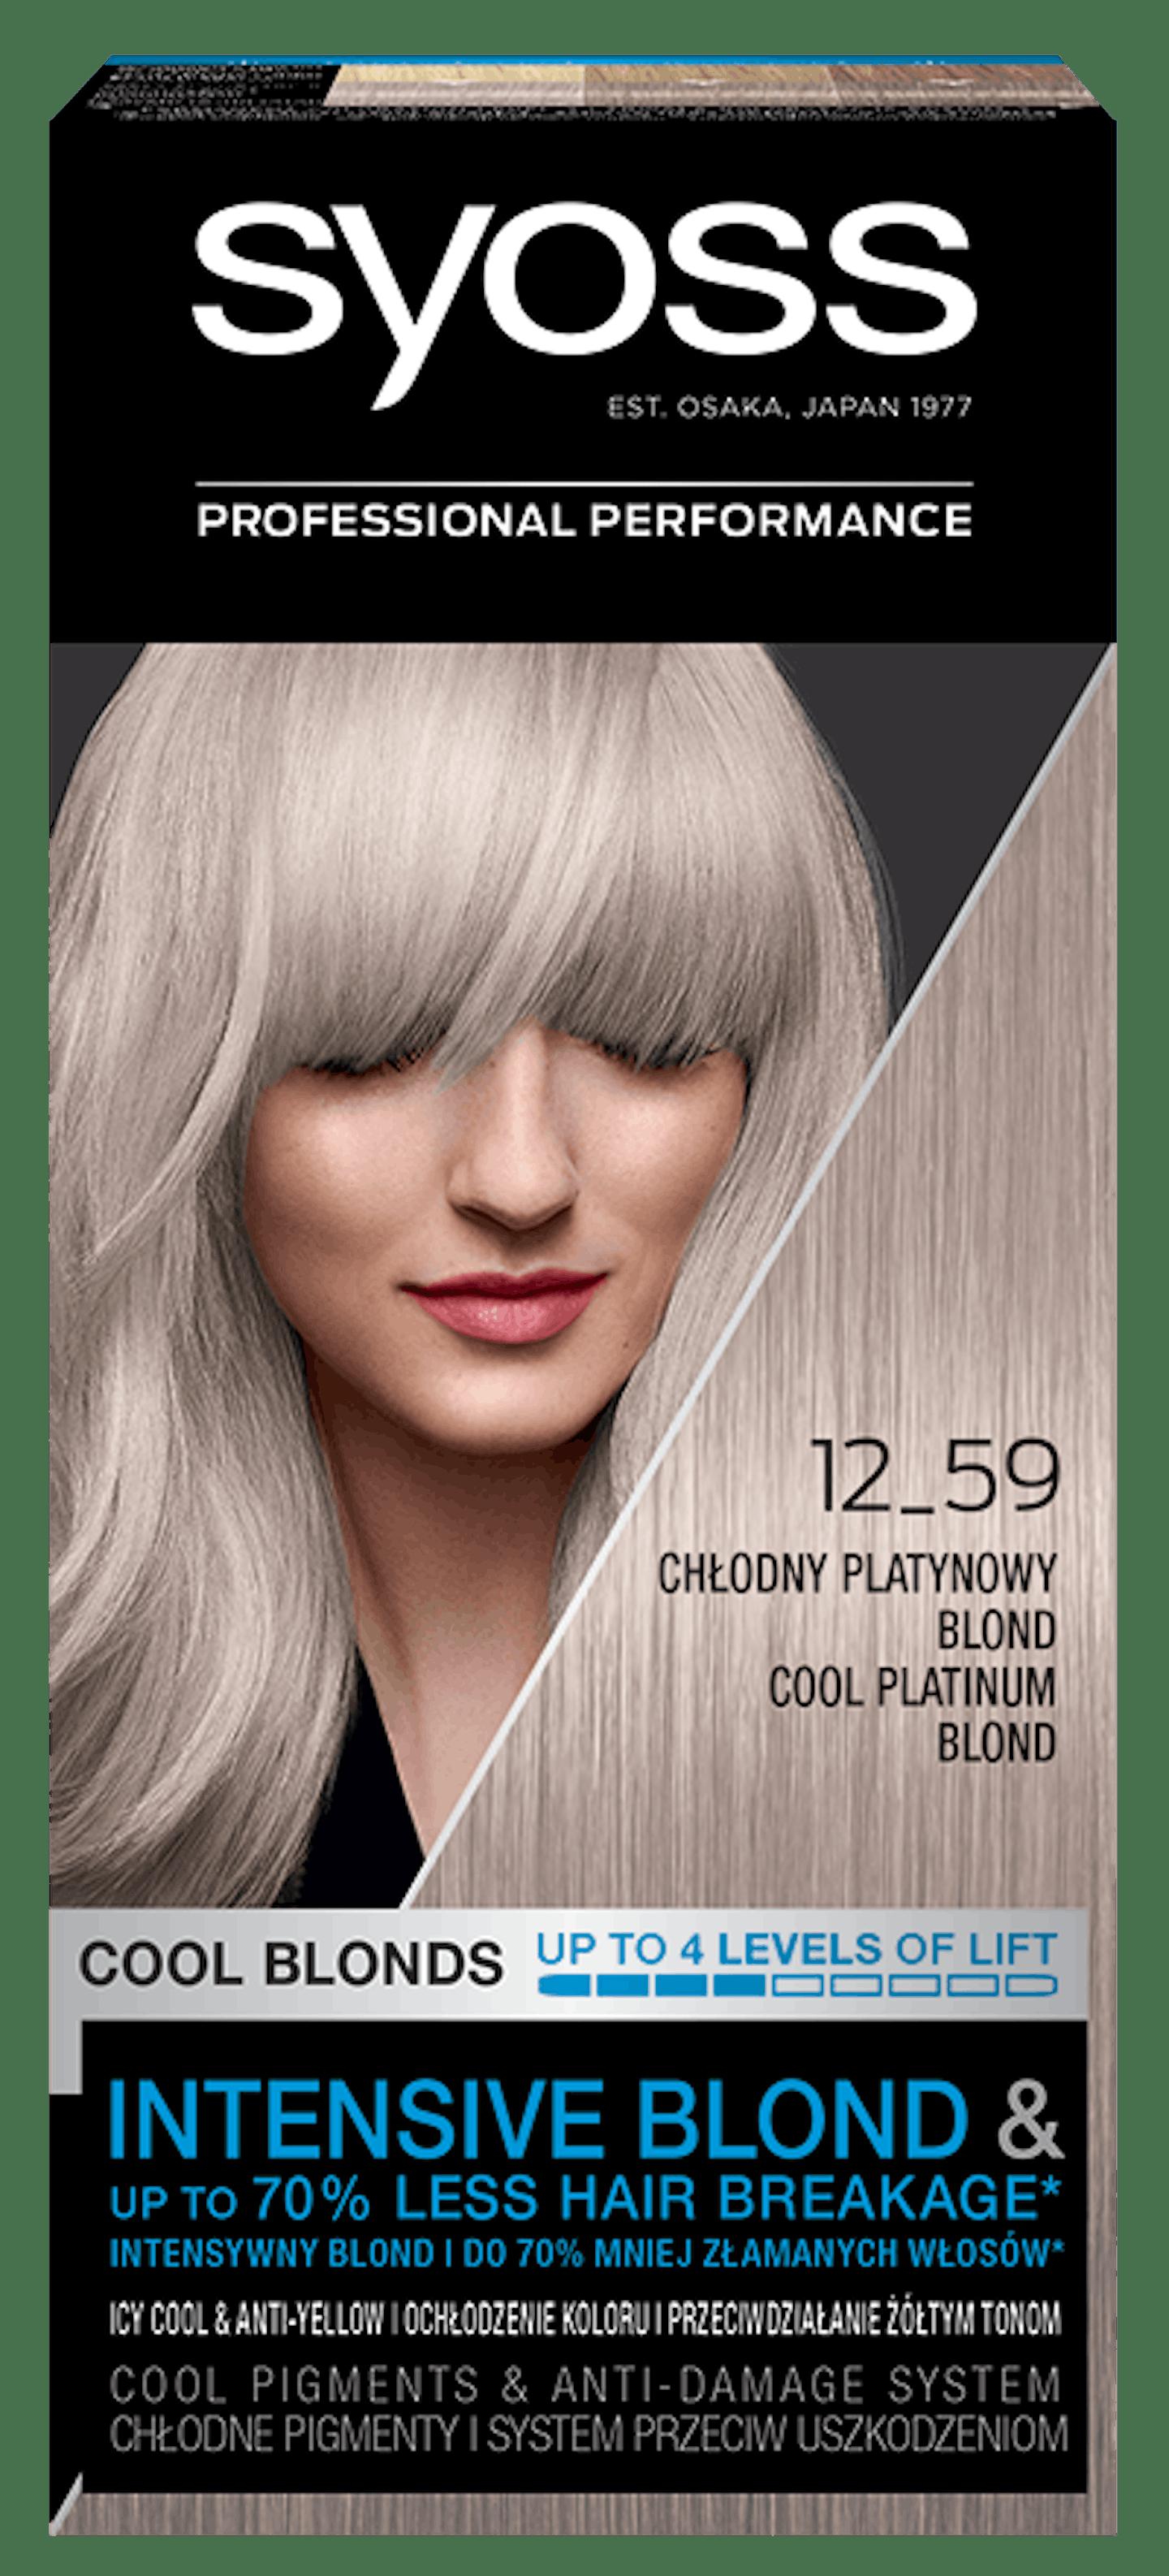 Vopsea de păr permanentă Syoss 12-59 Platinium Blond Rece